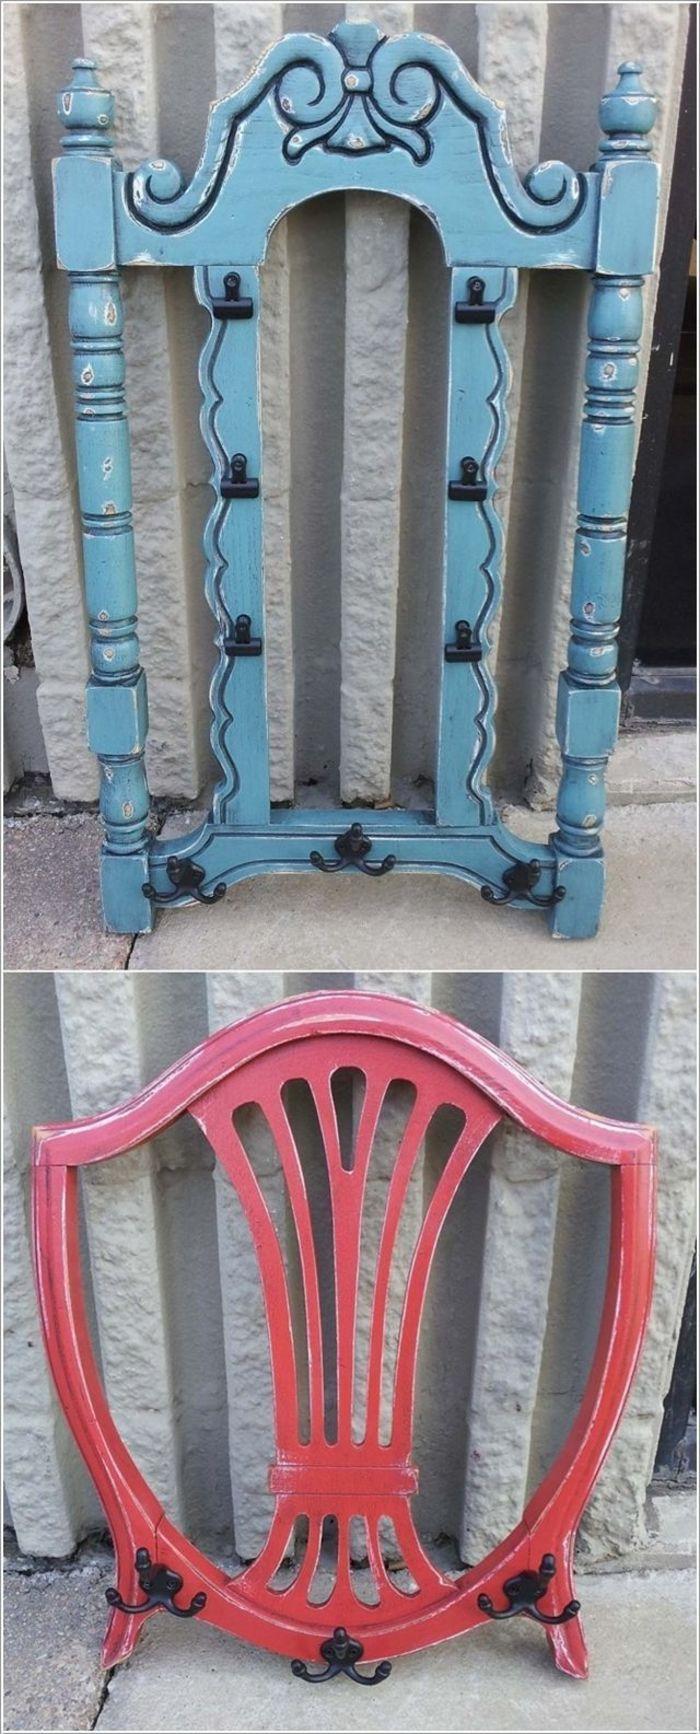 вешалка для одежды из стульев